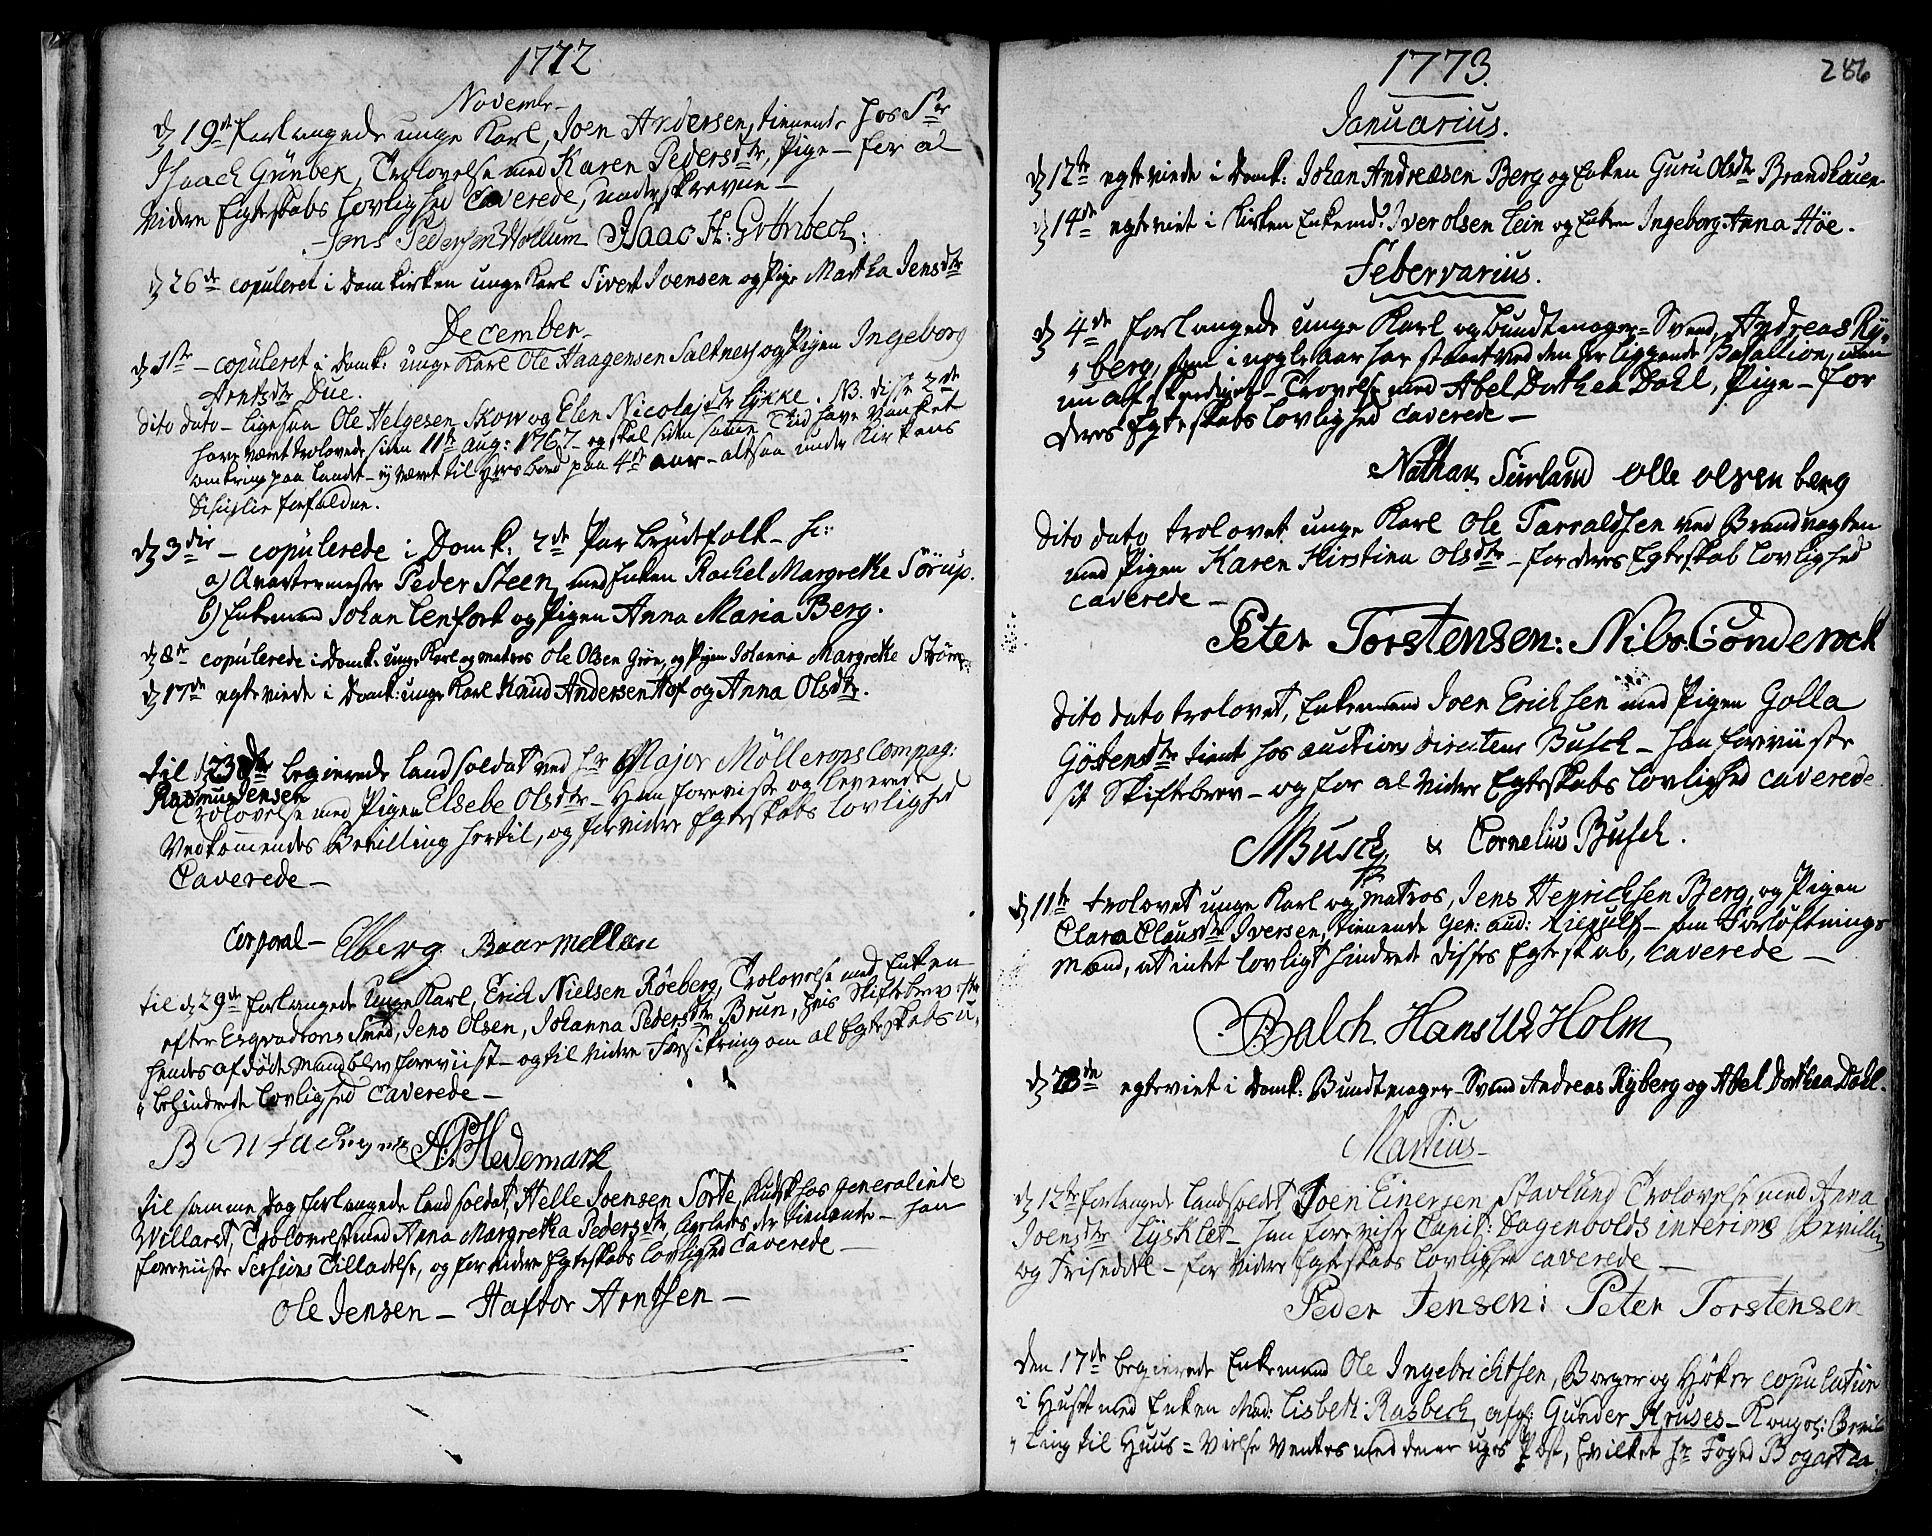 SAT, Ministerialprotokoller, klokkerbøker og fødselsregistre - Sør-Trøndelag, 601/L0038: Ministerialbok nr. 601A06, 1766-1877, s. 286